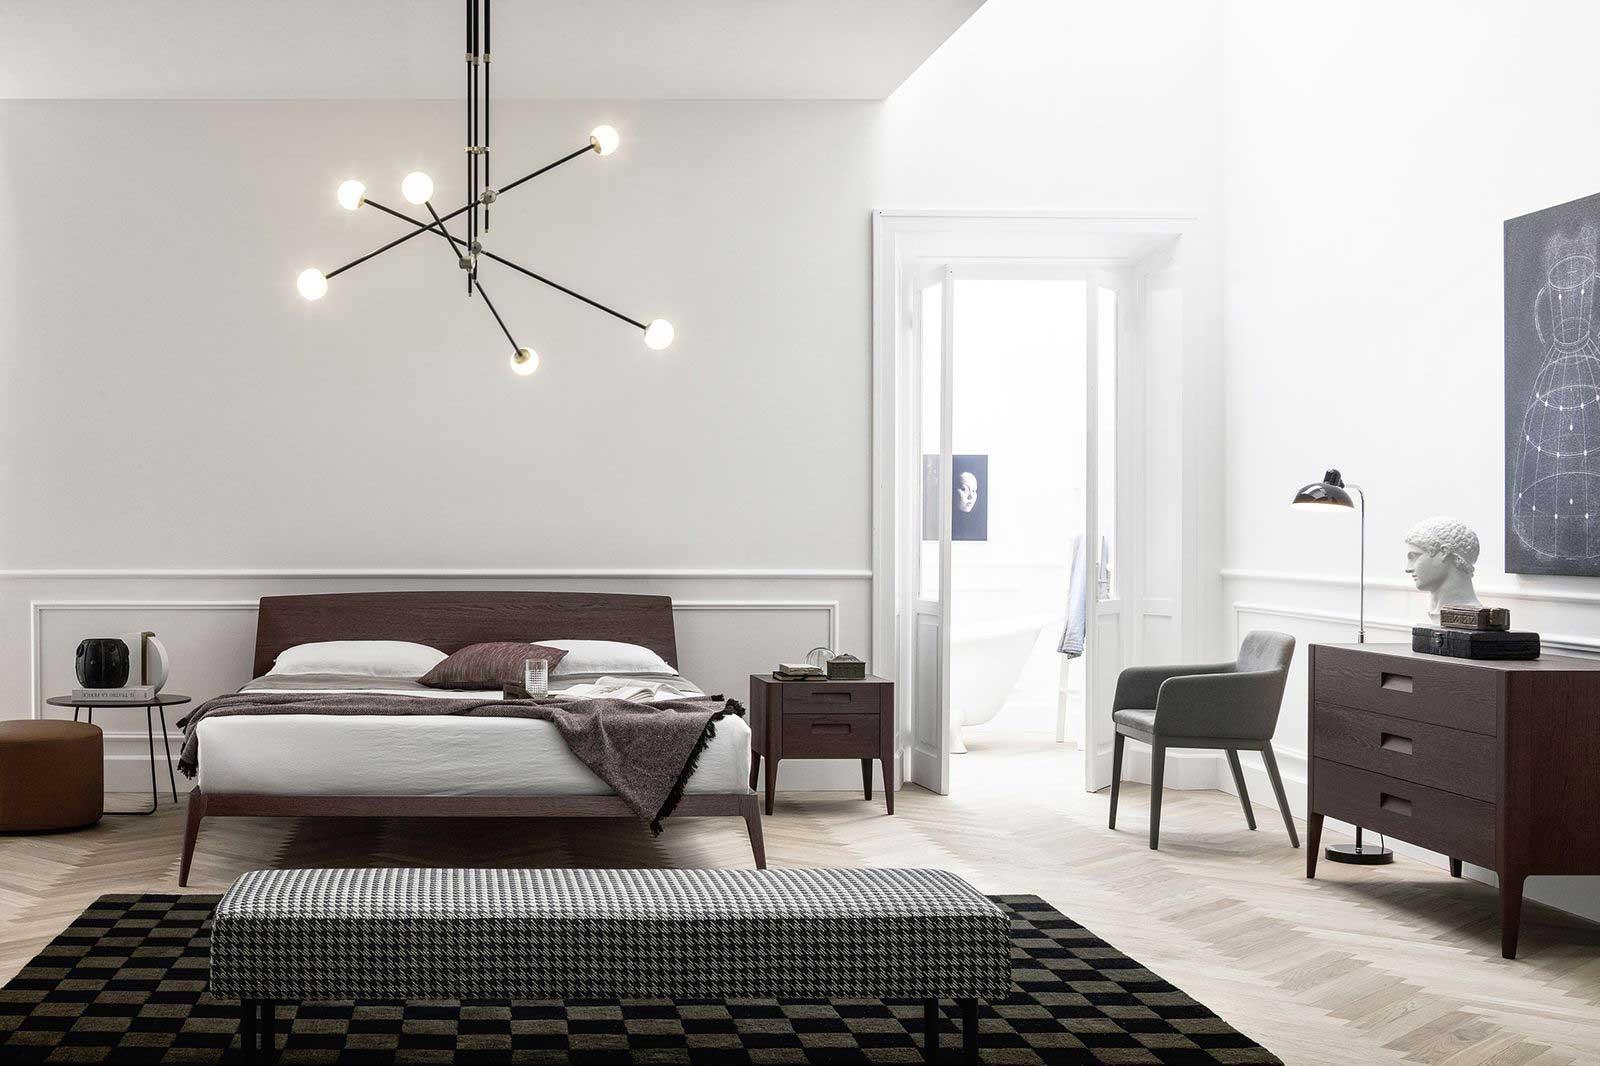 camere da letto moderne e classiche arredamenti genova elce